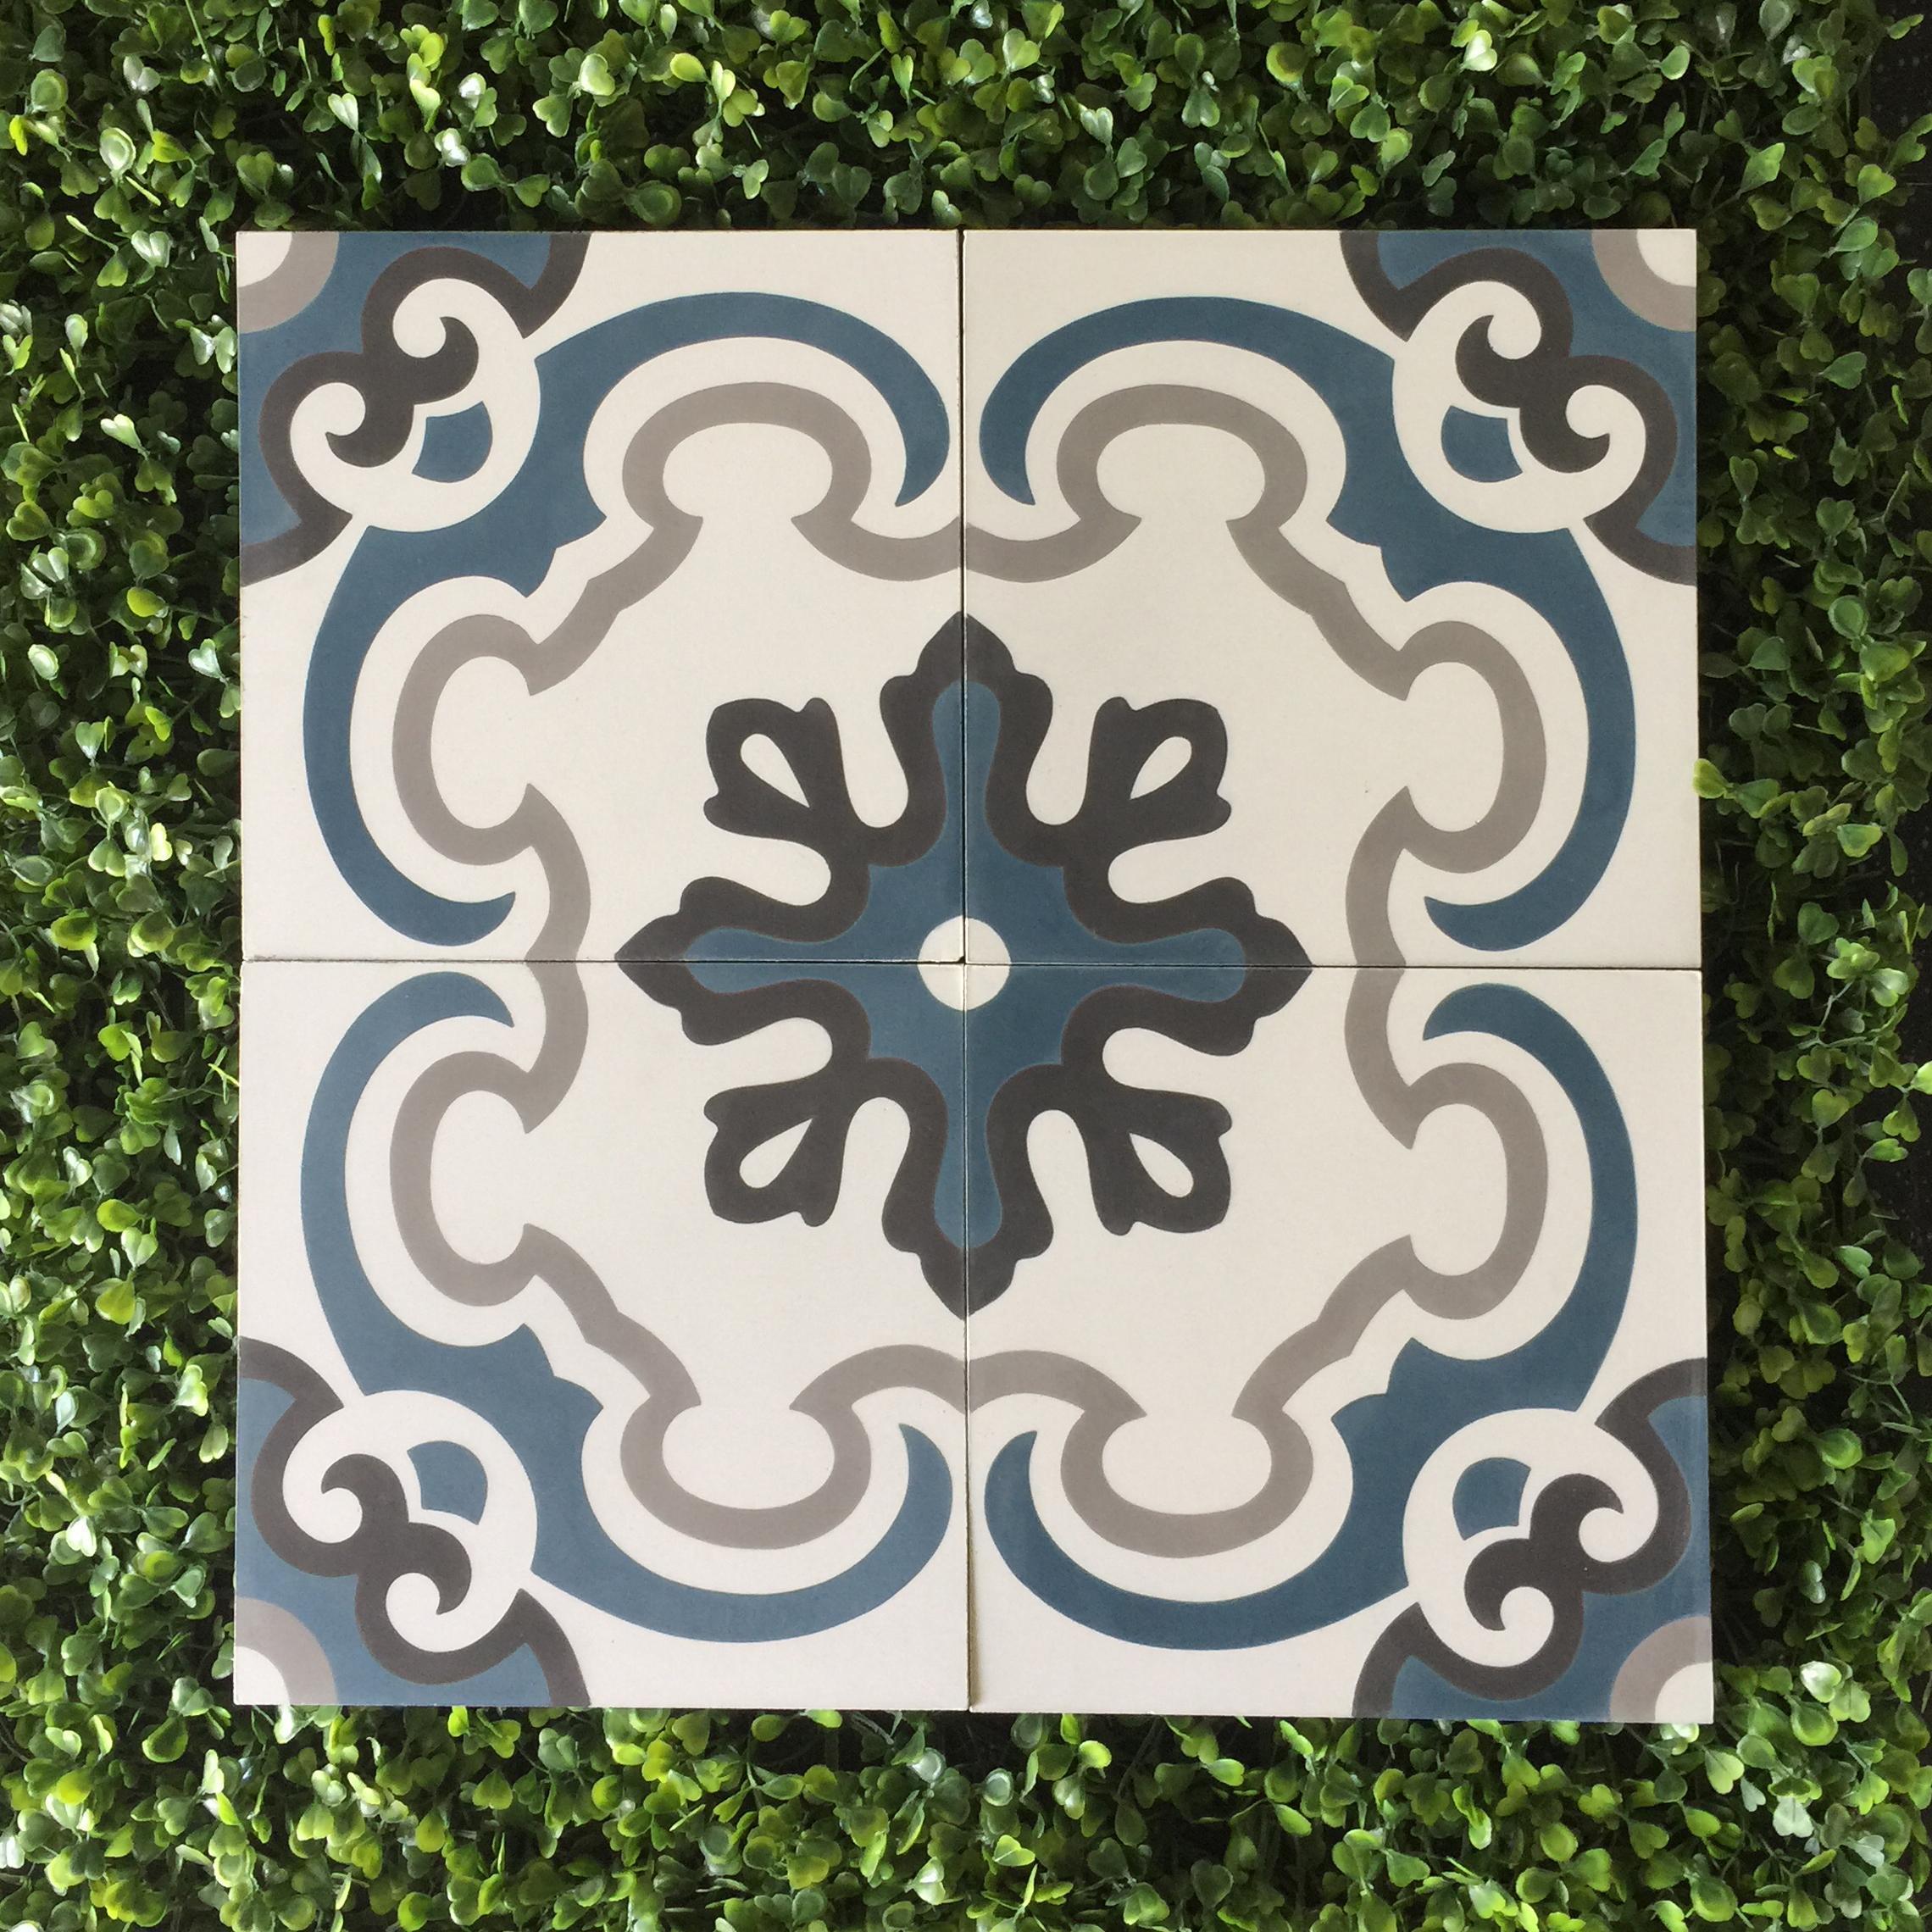 Gạch bông CTS 5.11(1-4-13-09) - Encaustic cement tile CTS 5.11(1-4-13-09)